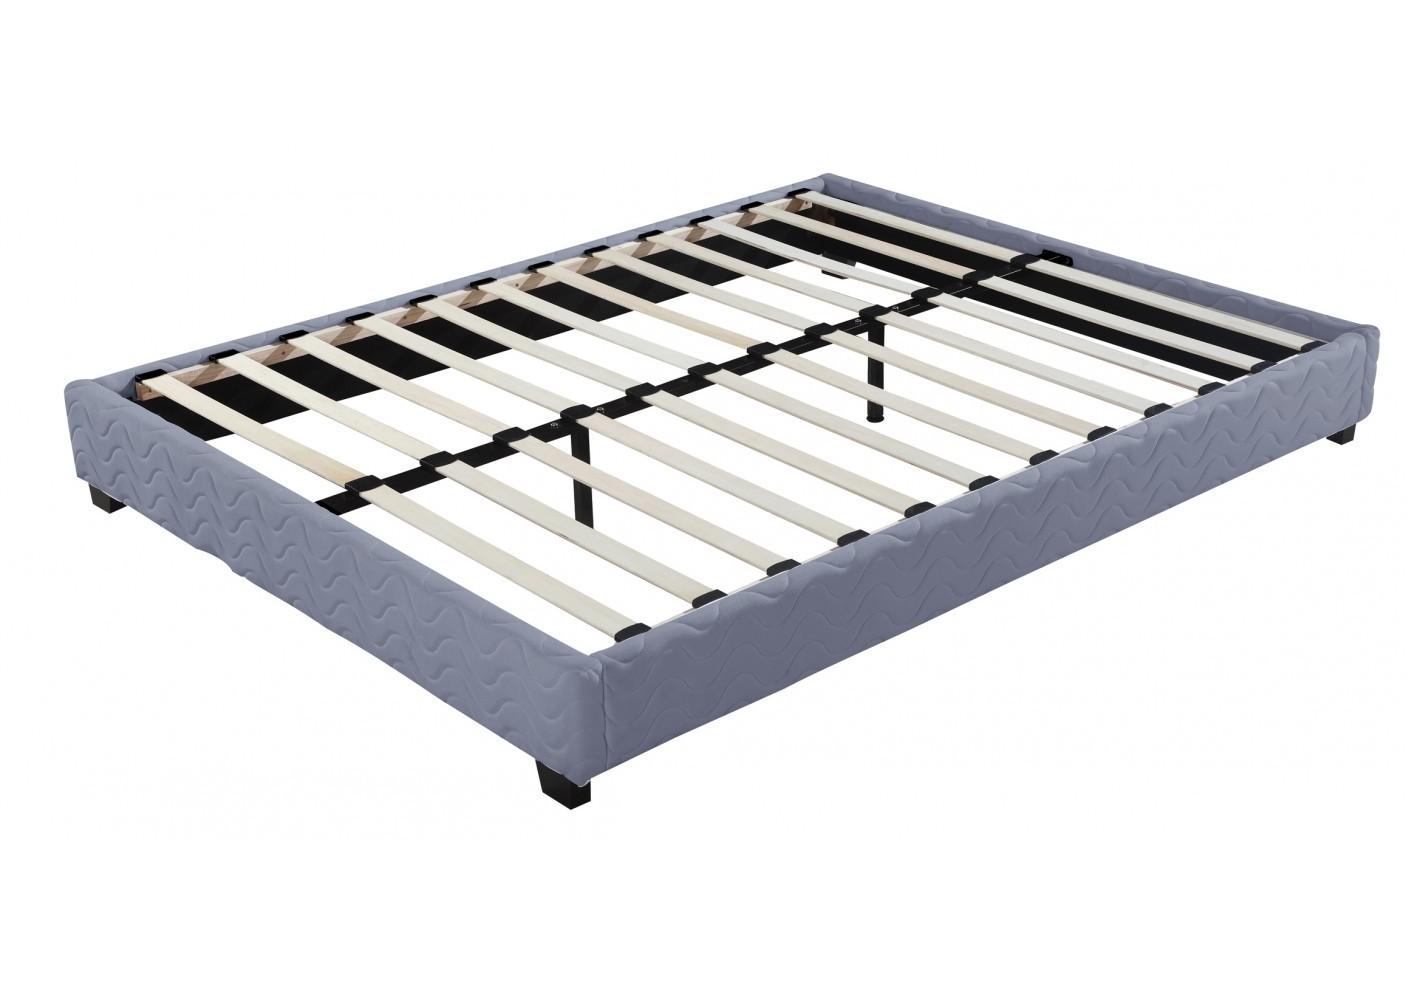 sommier tapissier diva 160 x 200 cm gris literie. Black Bedroom Furniture Sets. Home Design Ideas